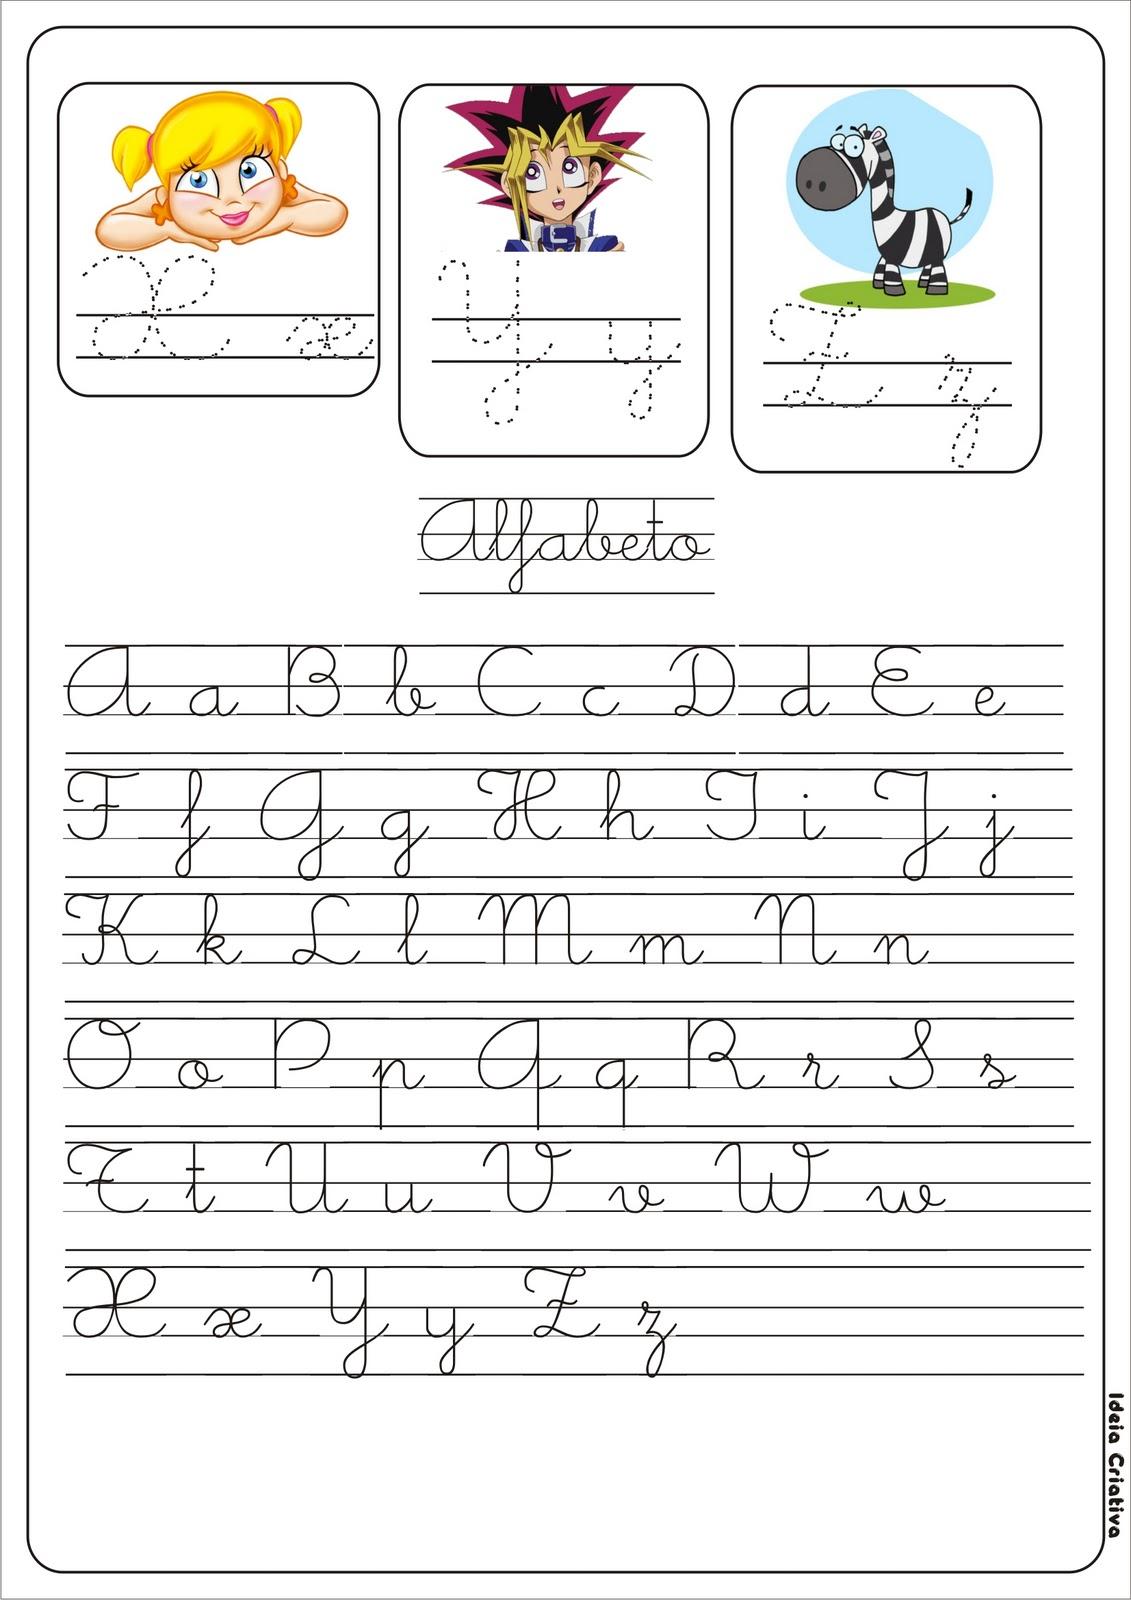 alfabetinho que pode ser impresso e colado no caderno da criança